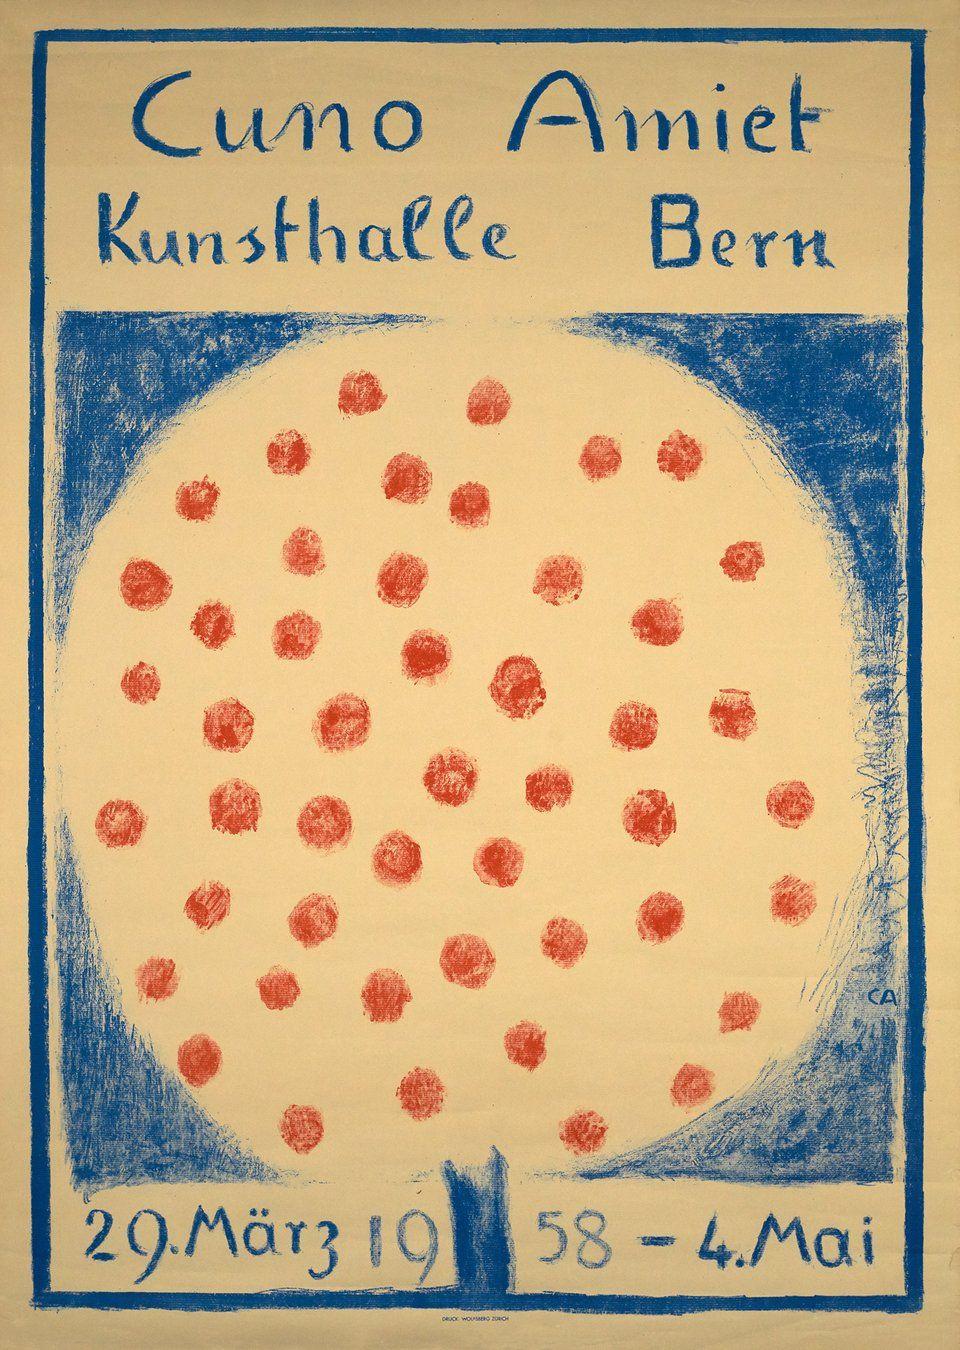 Cuno Amiet Kunsthalle Bern 1958 Cuno Amiet 1958 Vintage Posters